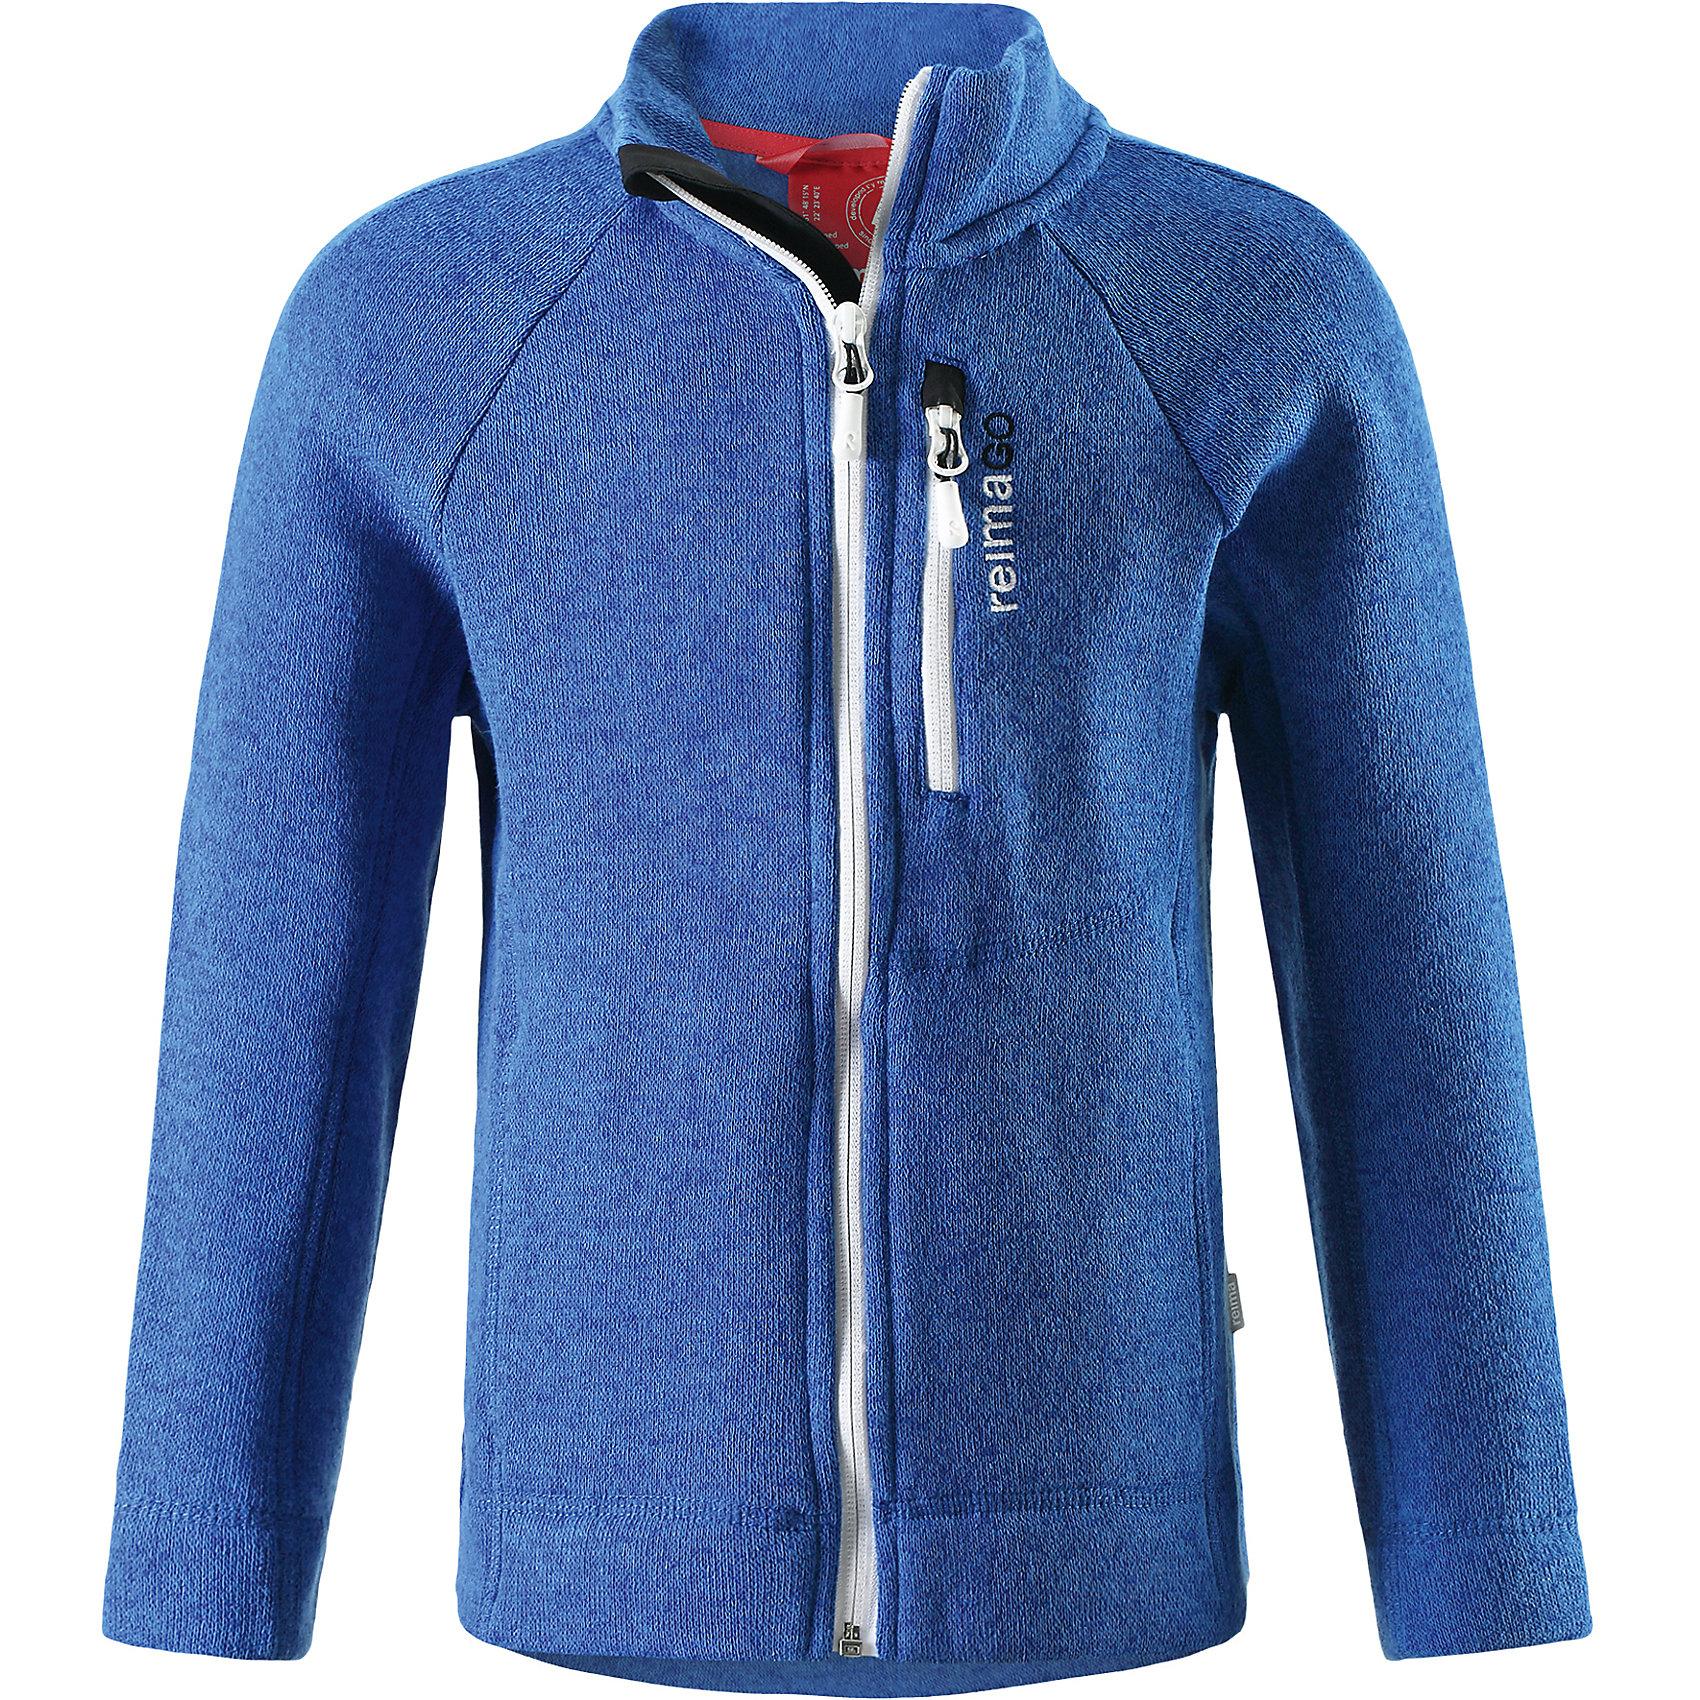 Куртка Reimari флисовая для мальчика ReimaФлис и термобелье<br>Характеристики товара:<br><br>• цвет: синий<br>• состав: 100% полиэстер<br>• карман с разъёмом для датчика ReimaGO®<br>• мягкий вязаный меланжевый флис<br>• выглядит как кофта, но имеет все преимущества флиса<br>• молния во всю длину со вставкой для защиты подбородка<br>• приятная на ощупь ткань<br>• два боковых кармана<br>• комфортная посадка<br>• страна производства: Китай<br>• страна бренда: Финляндия<br>• коллекция: весна-лето 2017<br><br>Одежда для детей может быть модной и комфортной одновременно! Удобная курточка поможет обеспечить ребенку комфорт и тепло. Изделие сшито из флиса - мягкого и теплого материала, приятного на ощупь. Модель стильно смотрится, отлично сочетается с различным низом. Стильный дизайн разрабатывался специально для детей.<br><br>Одежда и обувь от финского бренда Reima пользуется популярностью во многих странах. Эти изделия стильные, качественные и удобные. Для производства продукции используются только безопасные, проверенные материалы и фурнитура. Порадуйте ребенка модными и красивыми вещами от Reima! <br><br>Куртку флисовую для мальчика от финского бренда Reima (Рейма) можно купить в нашем интернет-магазине.<br><br>Ширина мм: 356<br>Глубина мм: 10<br>Высота мм: 245<br>Вес г: 519<br>Цвет: синий<br>Возраст от месяцев: 96<br>Возраст до месяцев: 108<br>Пол: Мужской<br>Возраст: Детский<br>Размер: 134,152,158,146,110,116,122,140,128<br>SKU: 5267411